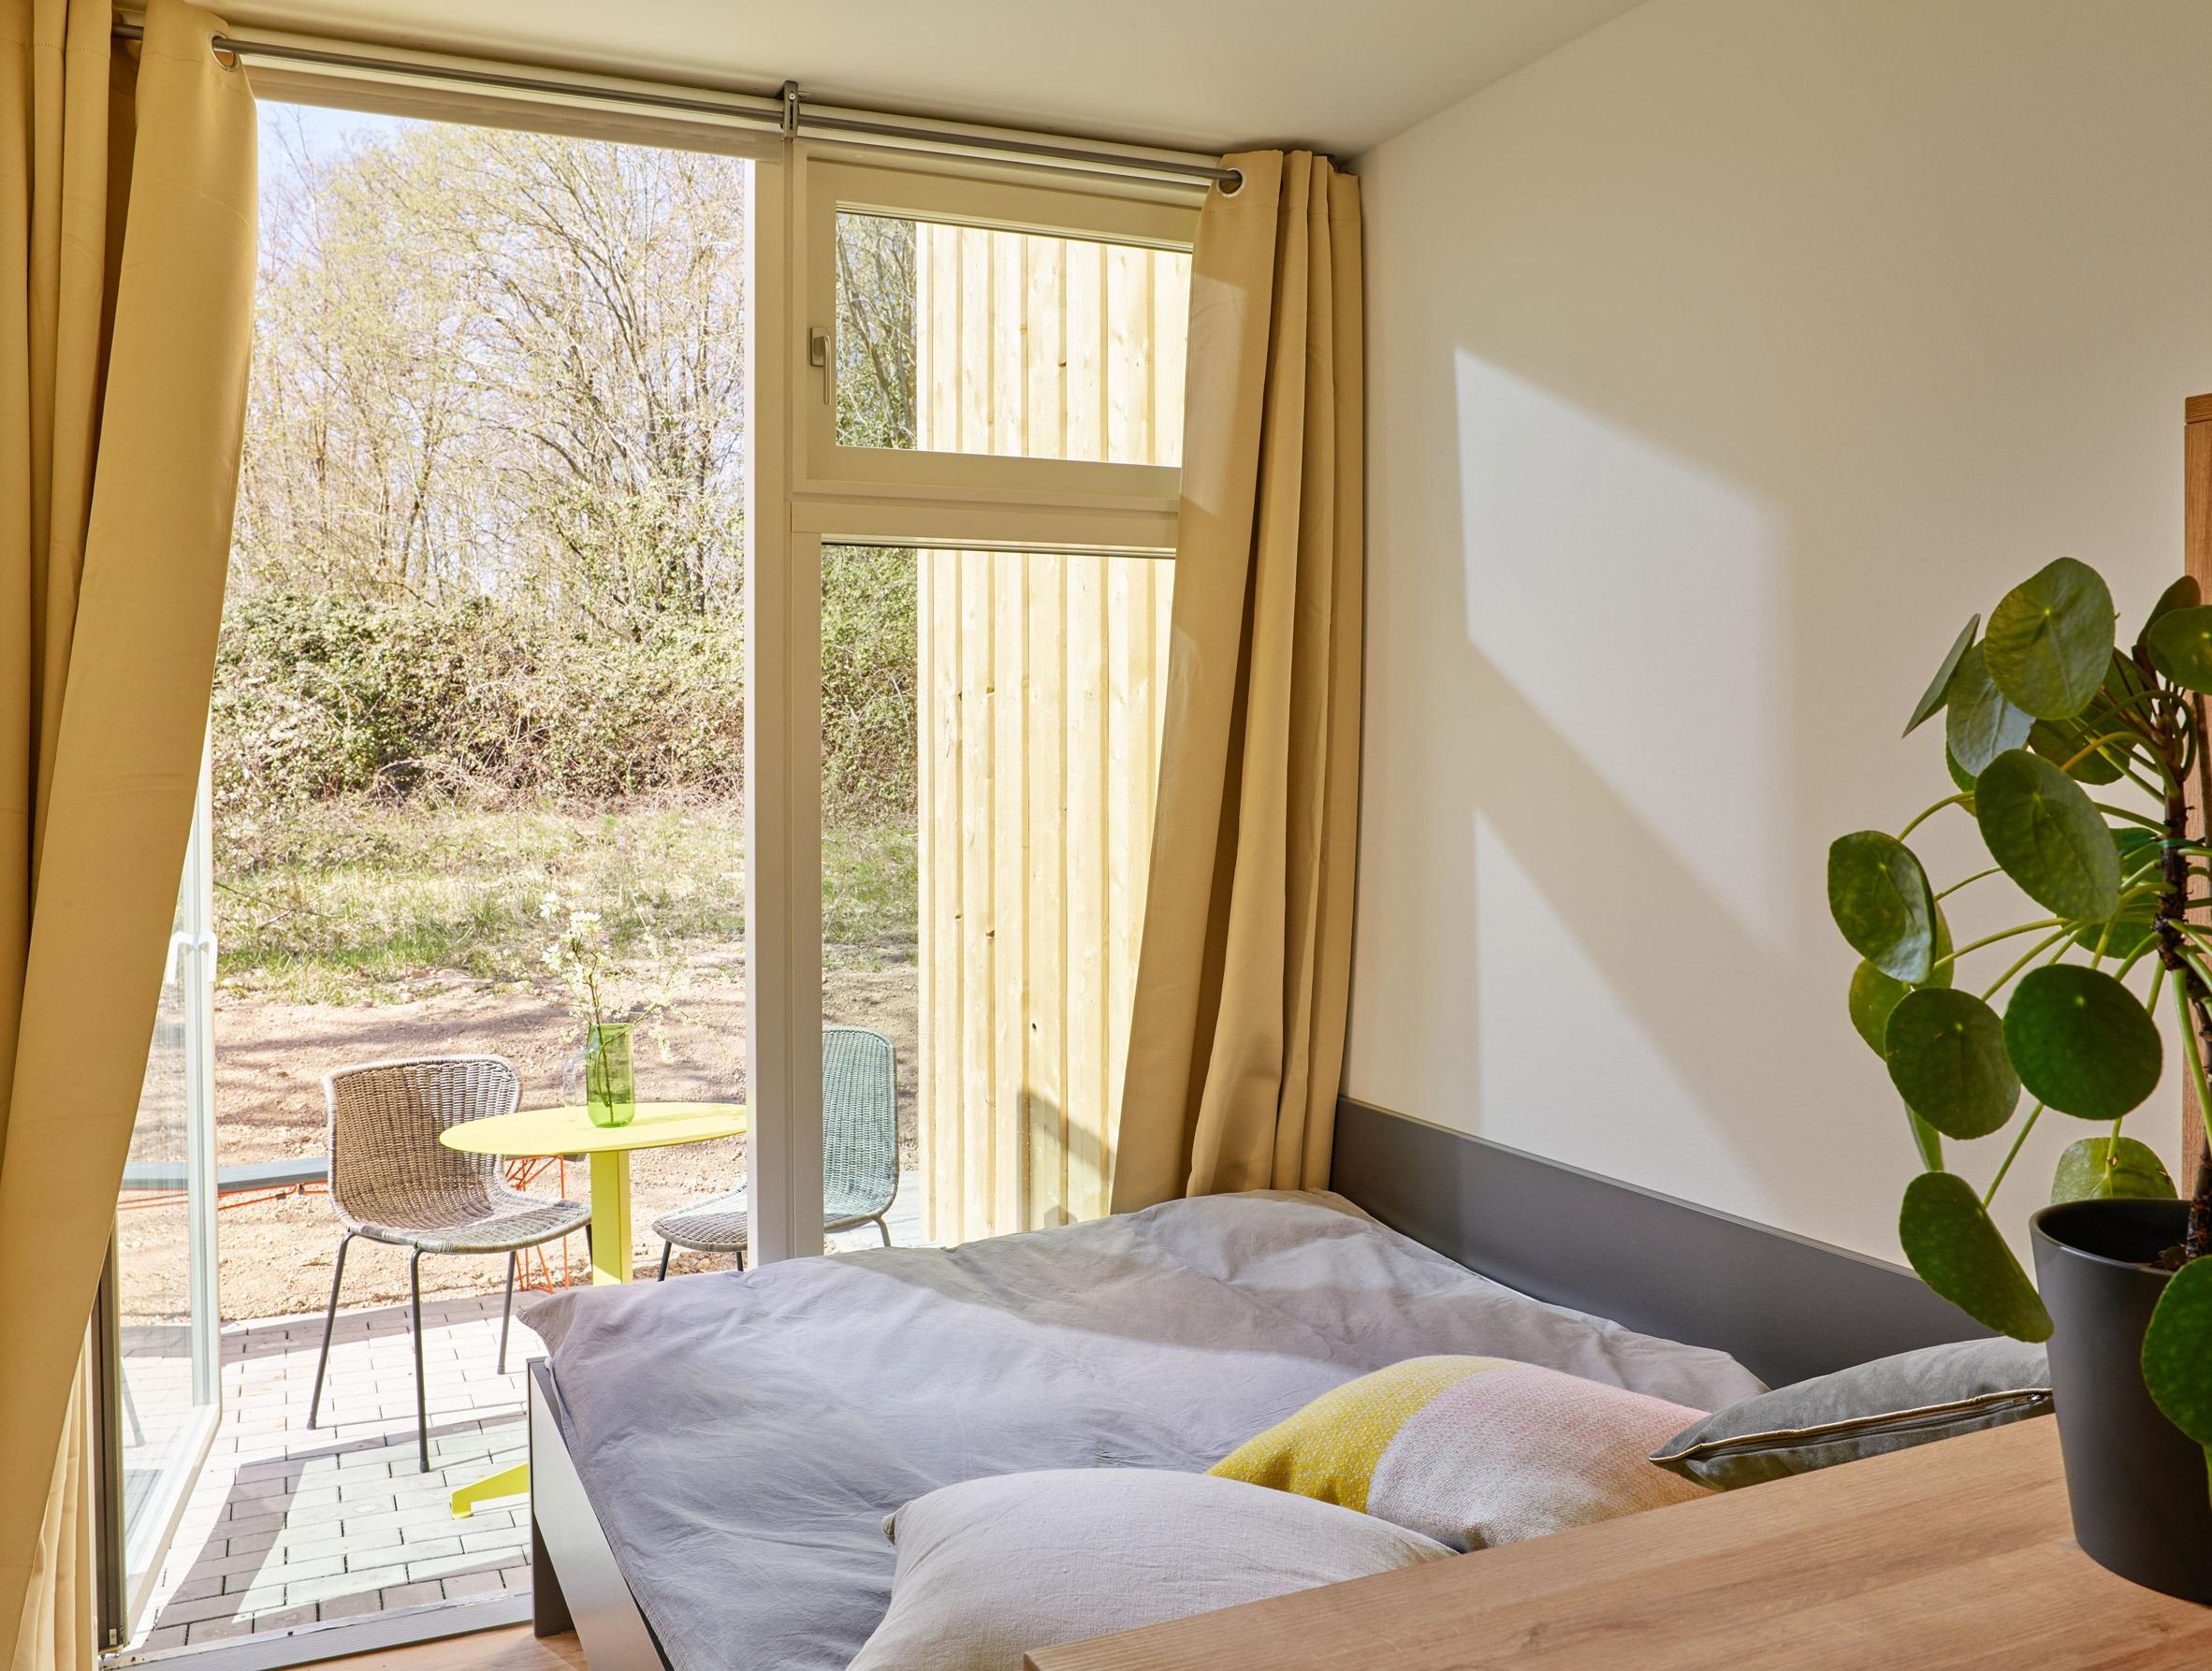 Dormitorio y terraza / Stefan Hohloch